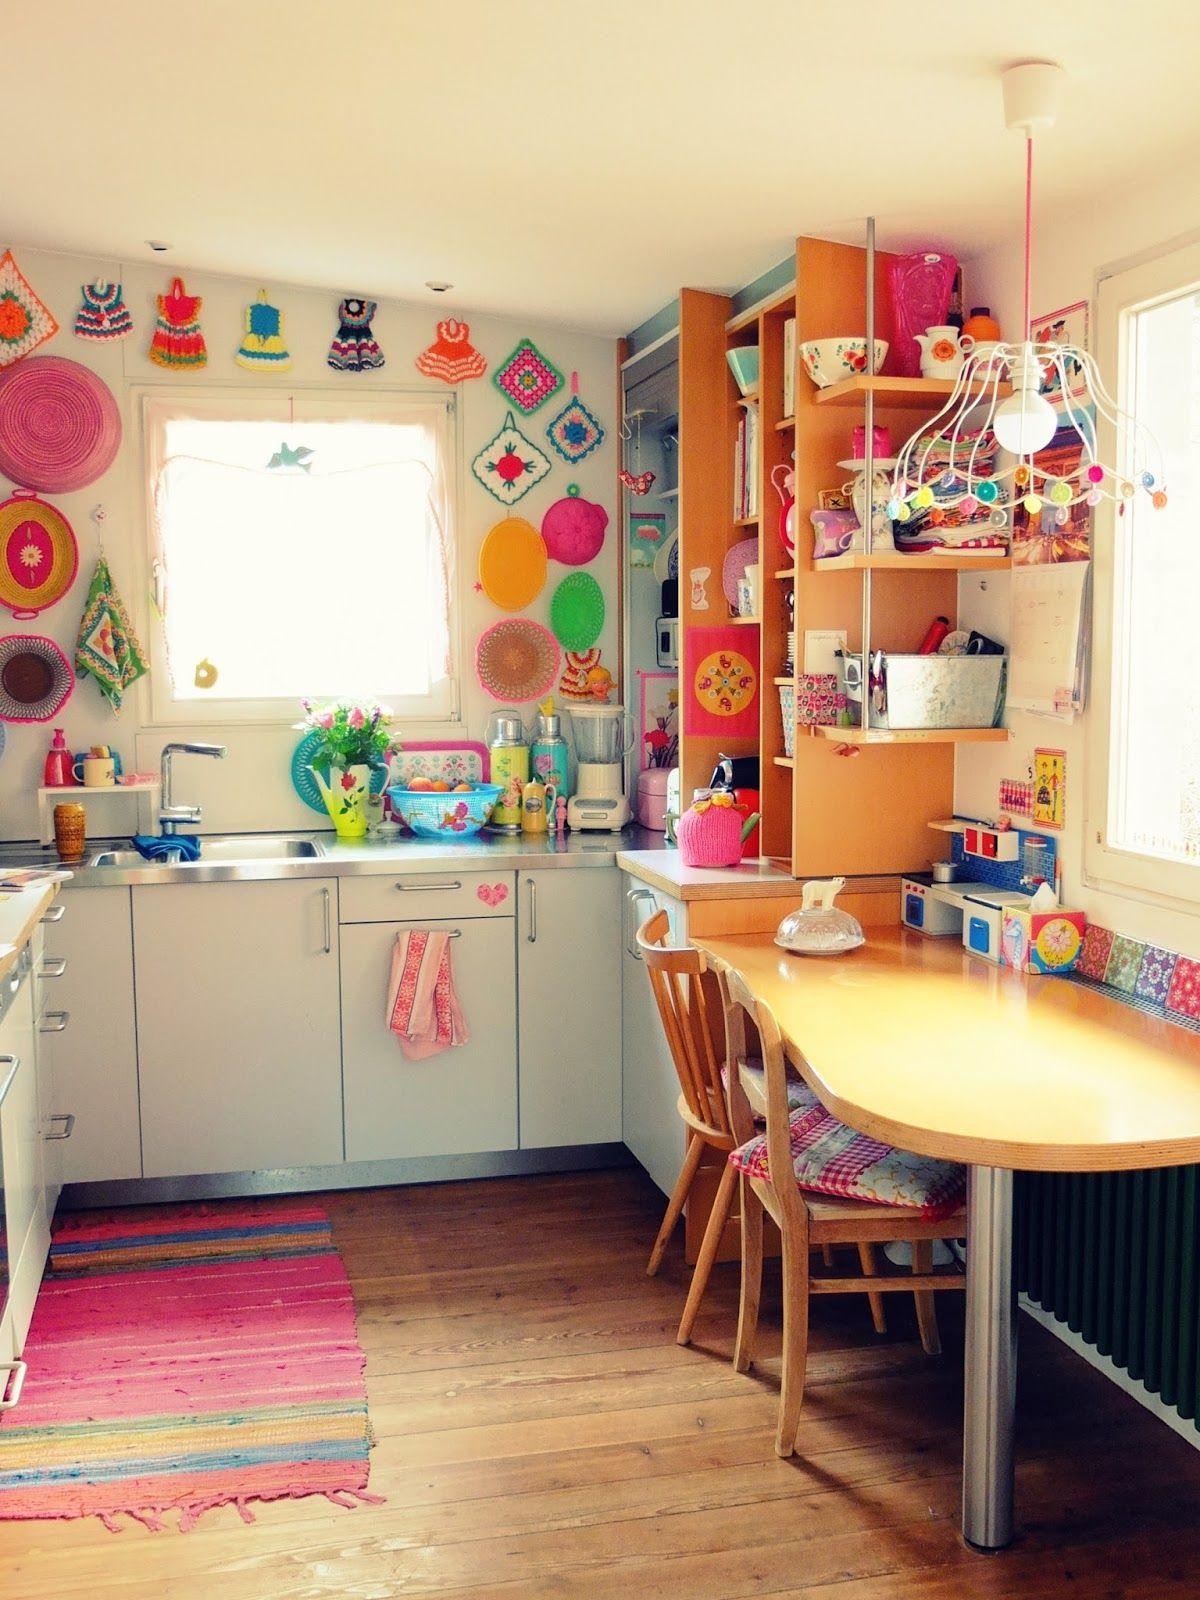 pin by hennakaisa kinnunen on kyökki home decor bohemian kitchen retro home on hippie kitchen ideas boho chic id=55203